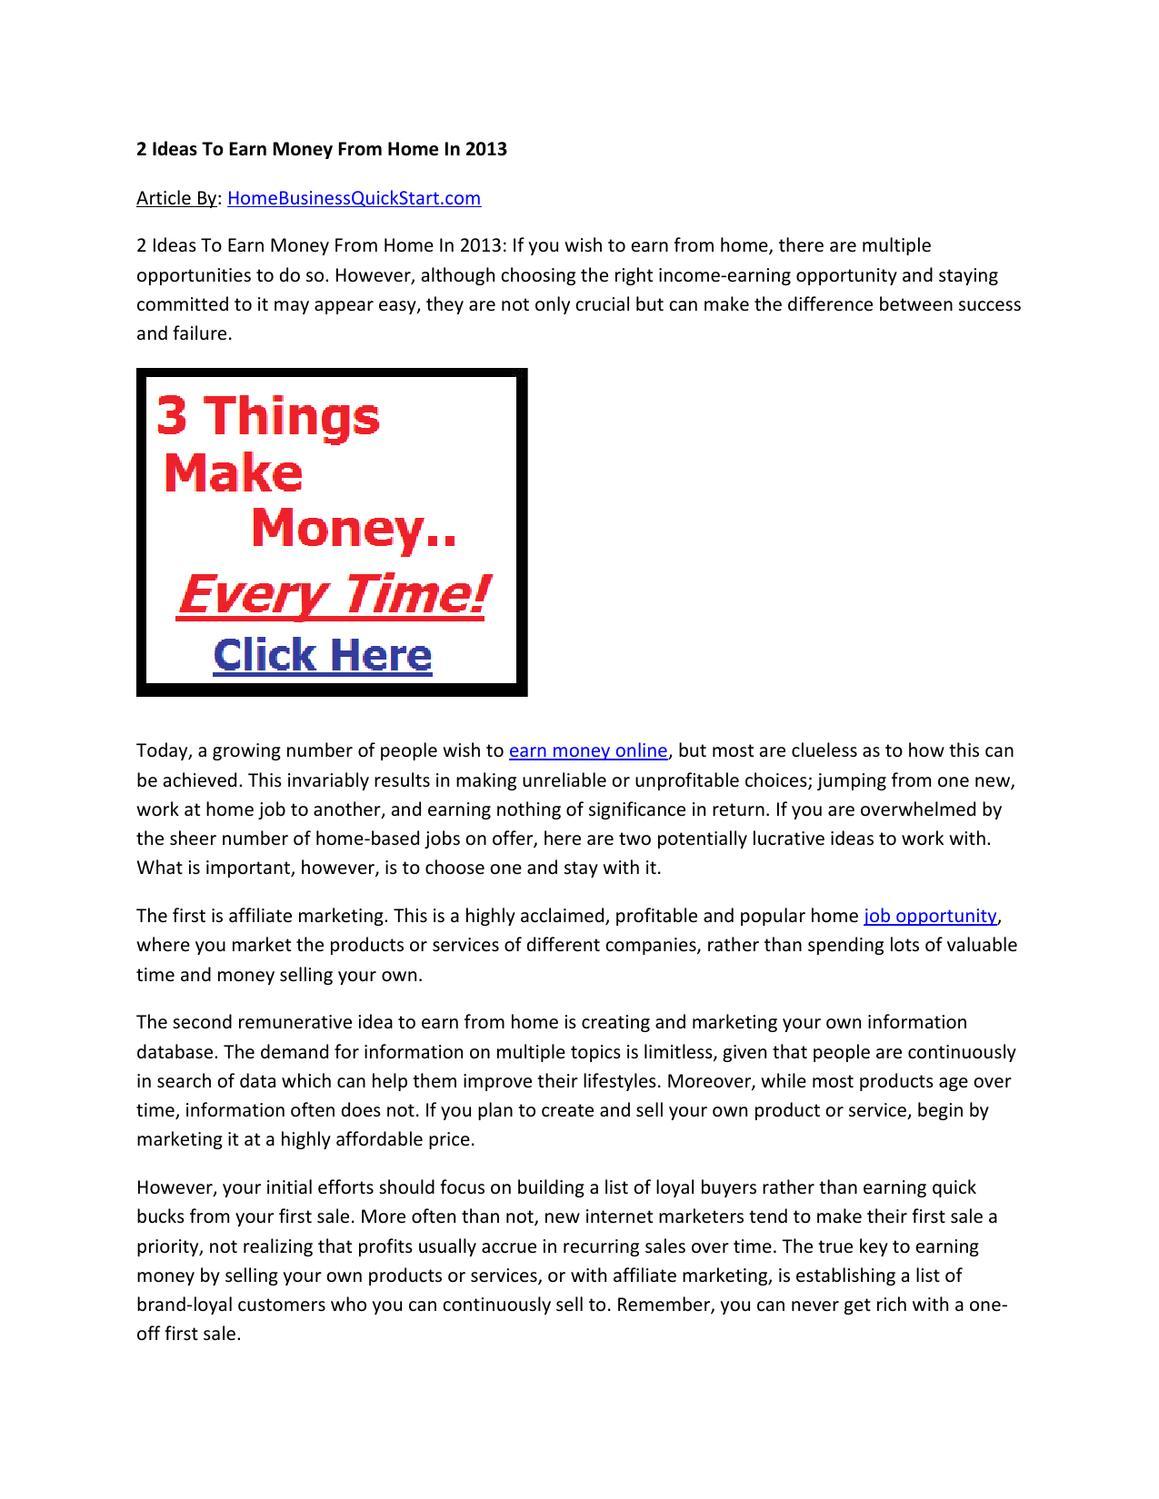 2 Ideas To Earn Money From Home In 2013 by bestonline marketingideas ...